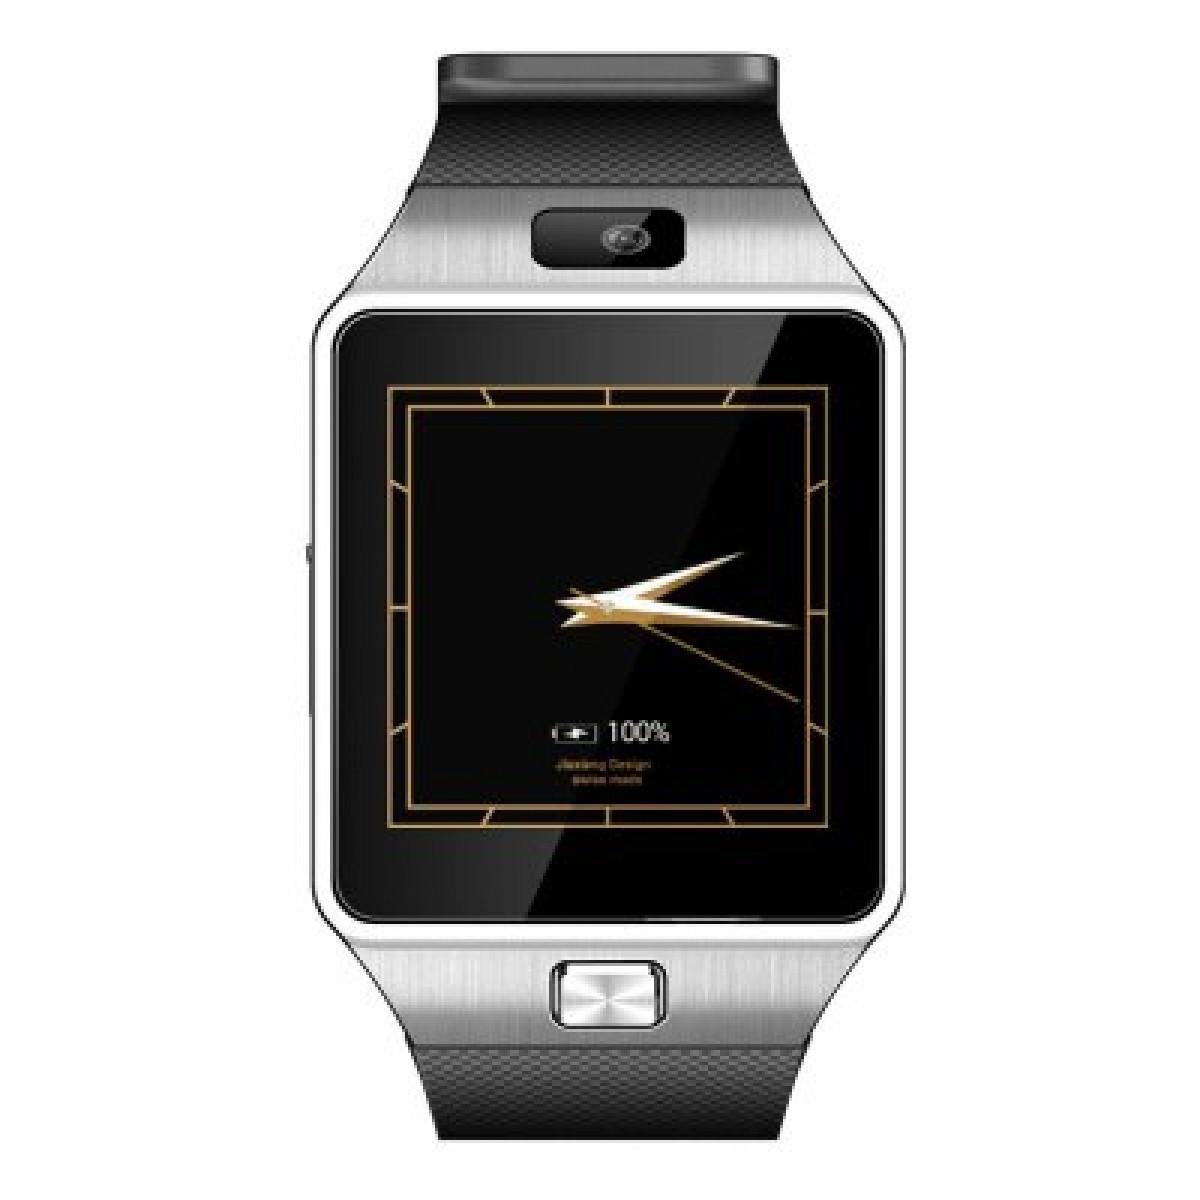 Смарт часы телефон qw09 с 3g интернетом